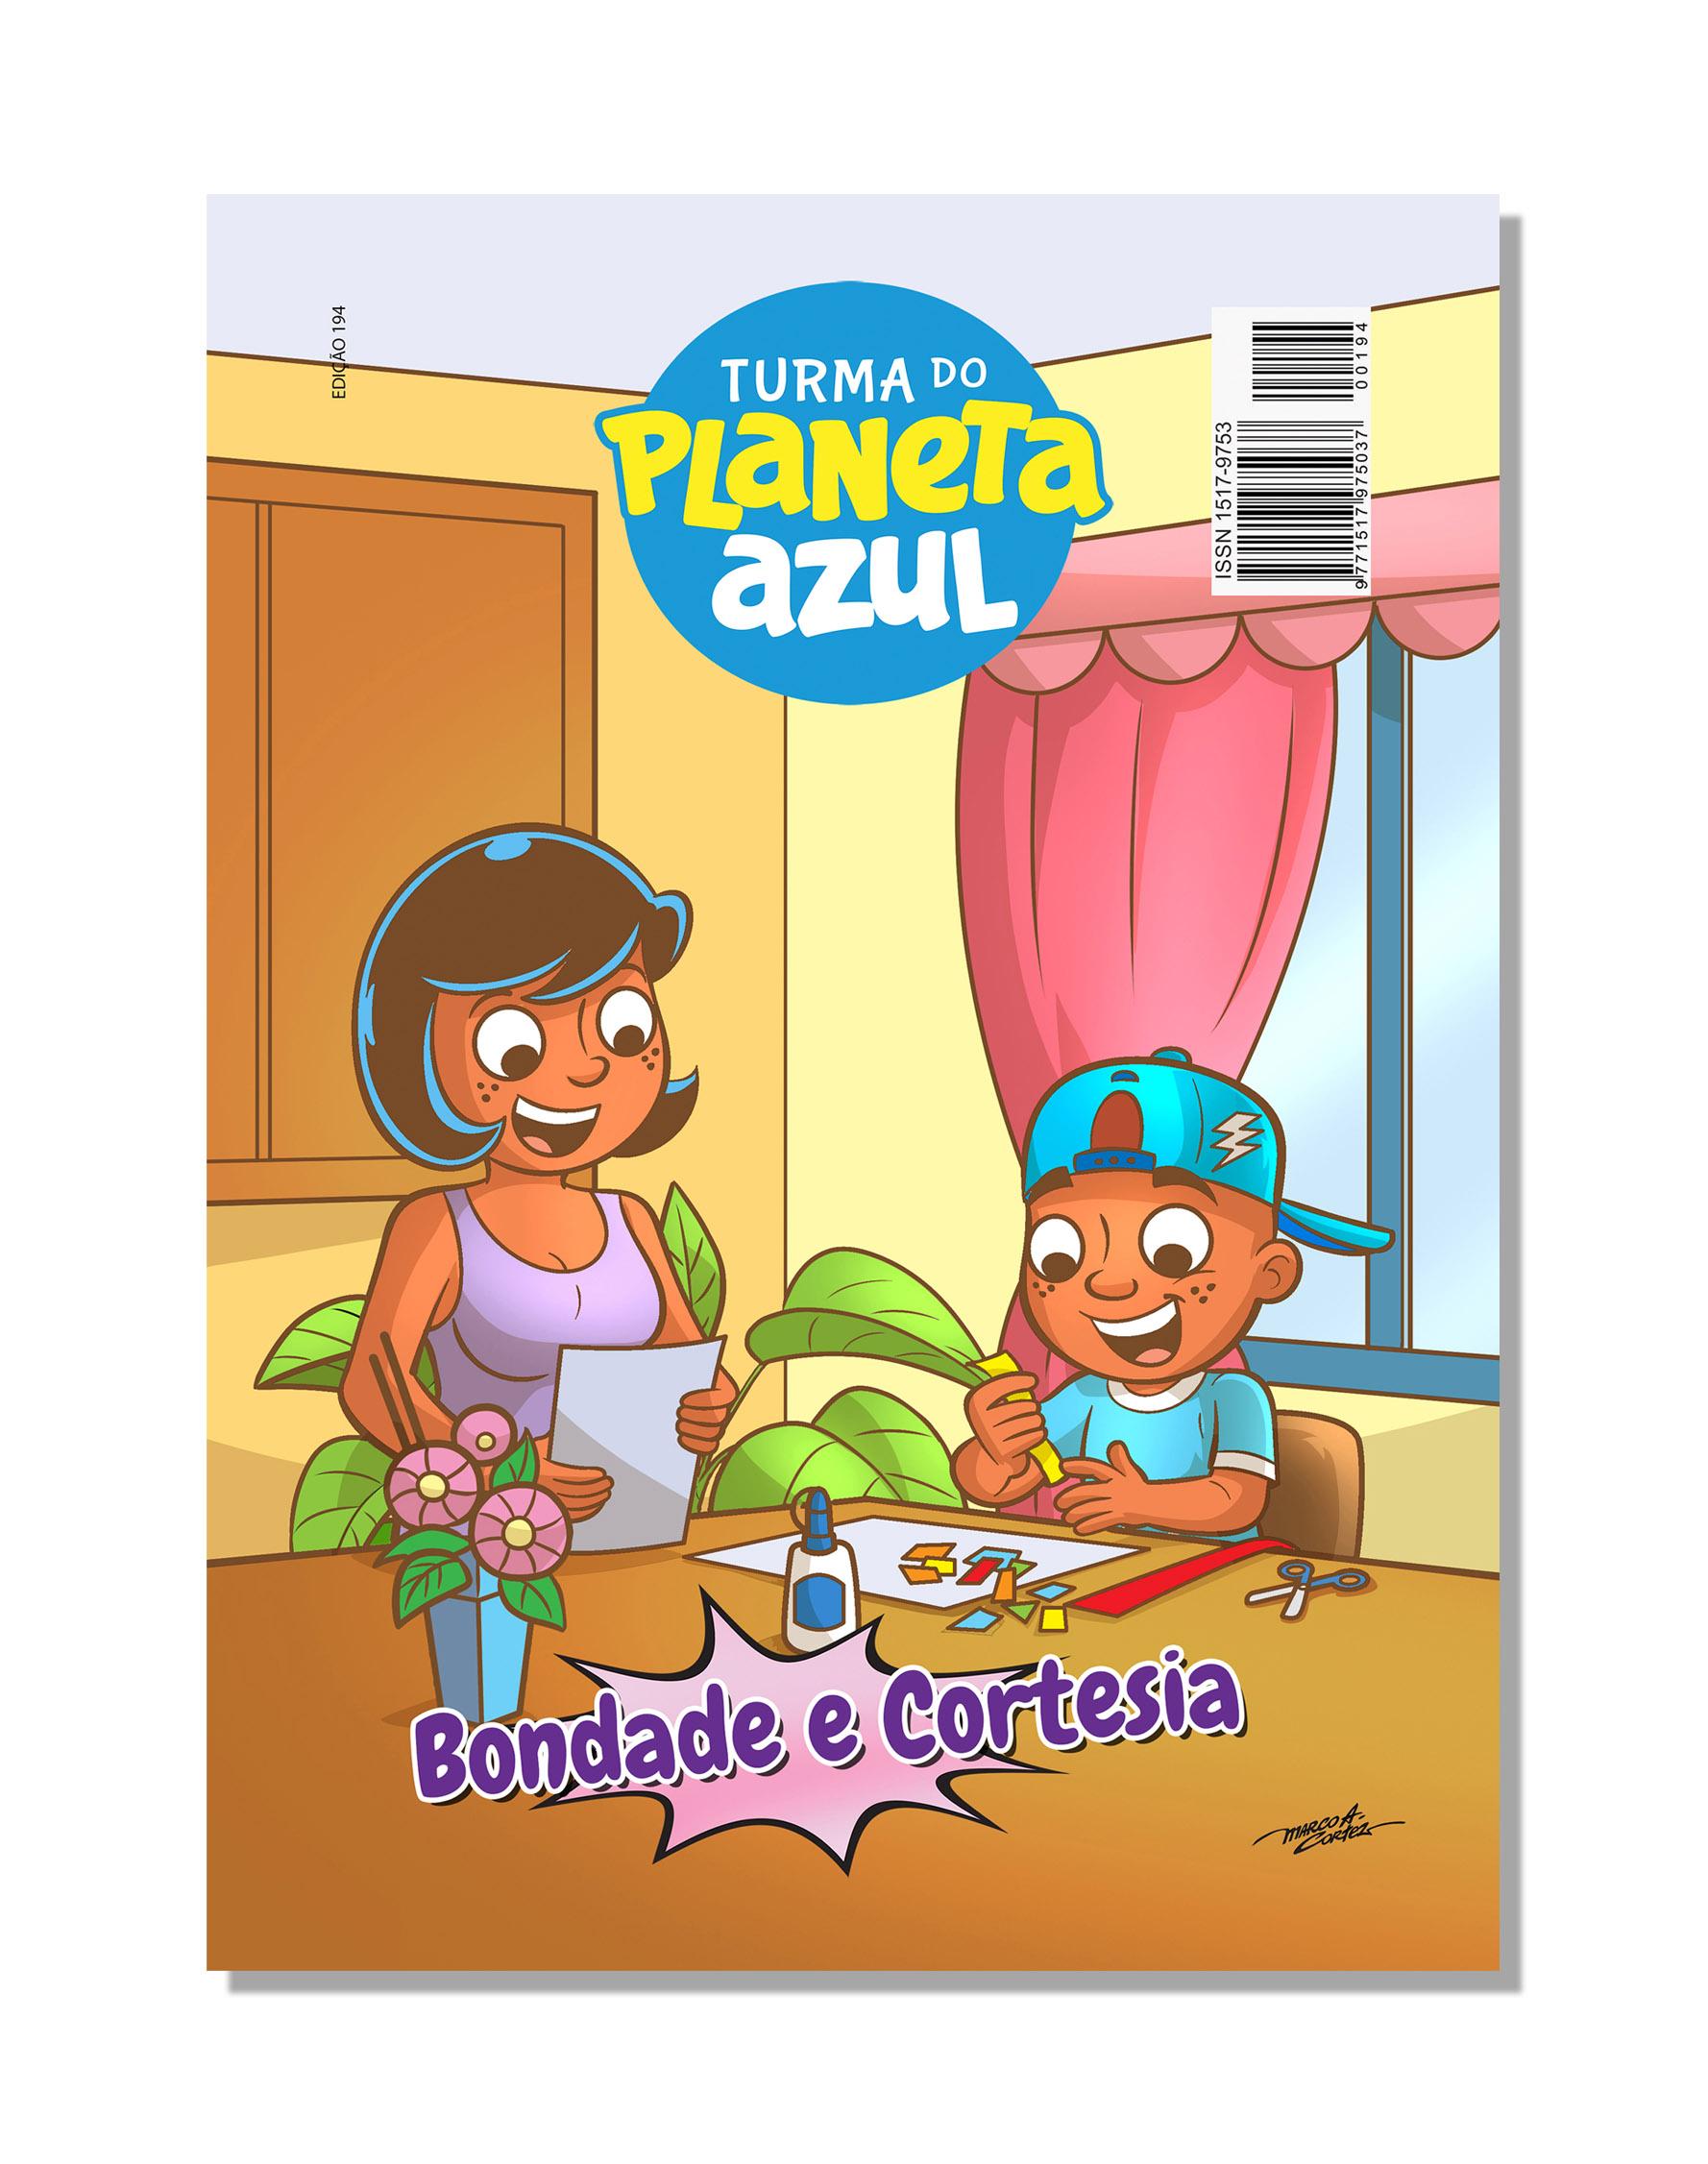 Revista Turma Planeta Azul - Ed 194 Bondade e Cortesia